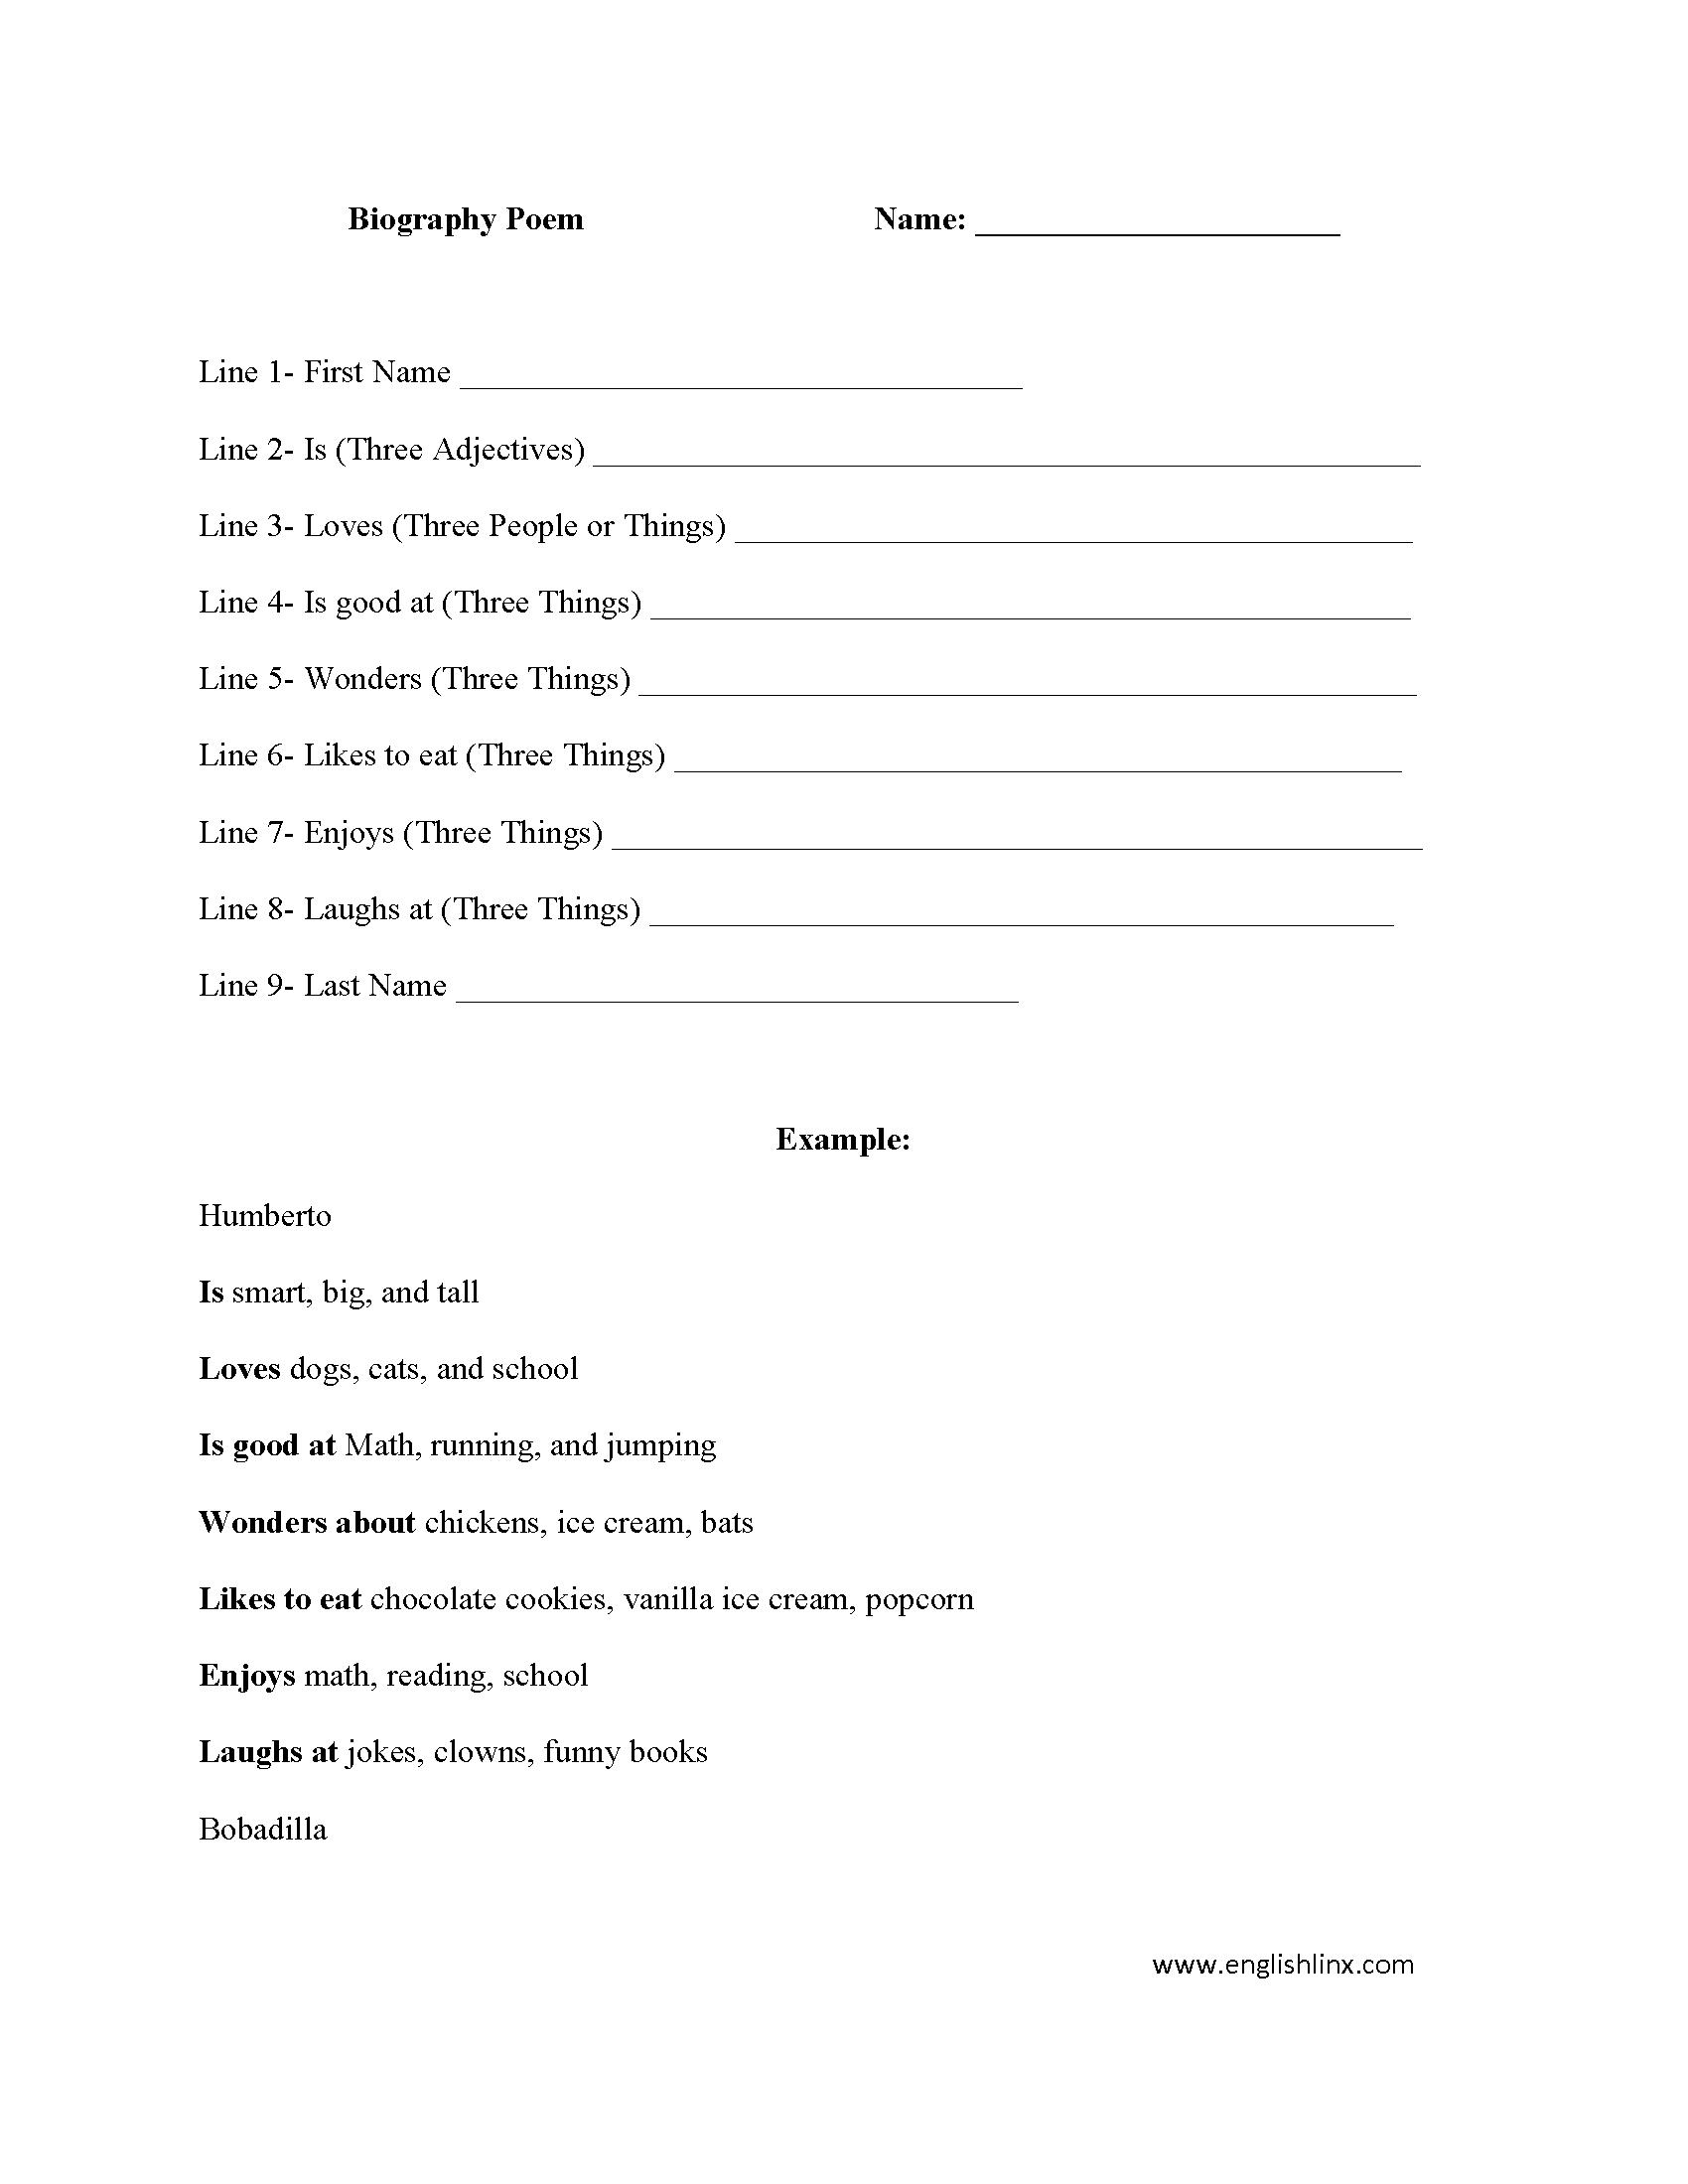 Biography Poem Poetry Worksheet